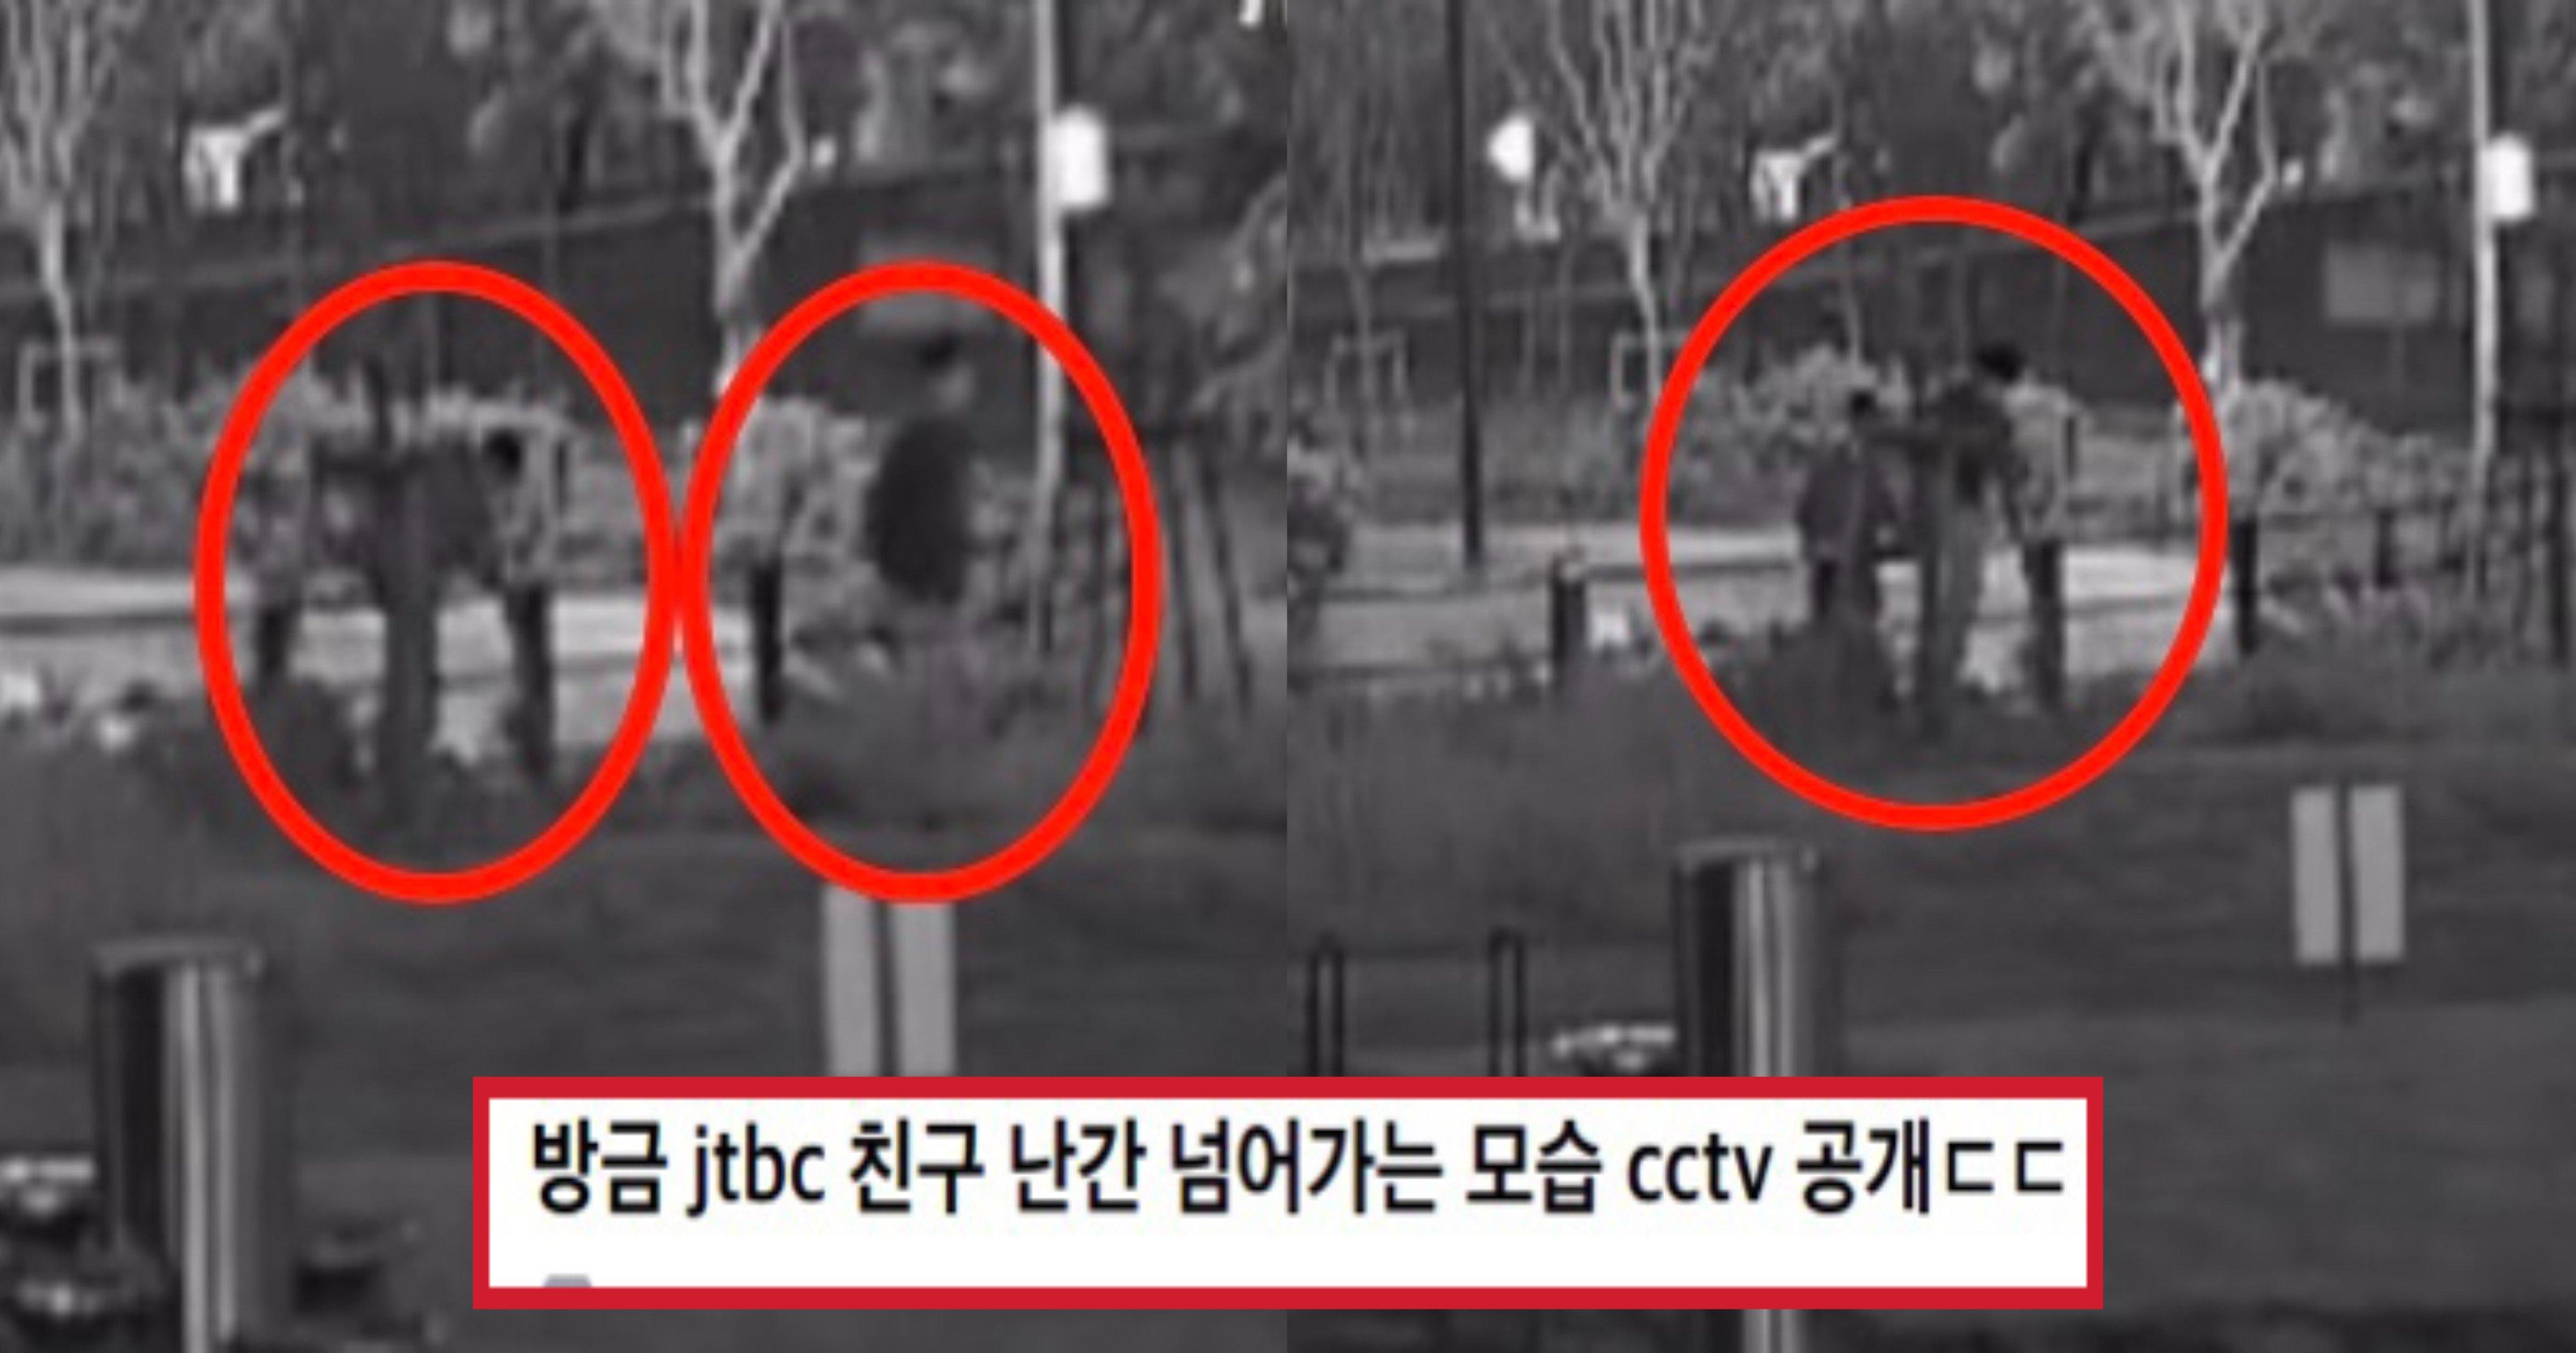 """f2bc89dd da2f 4dfc 990a 70044bc81bbd.jpeg?resize=1200,630 - """"술 취했다더니..""""한강 의대생 실종 날 새벽 '월담'하다 CCTV 딱 걸린 친구와 조력자"""